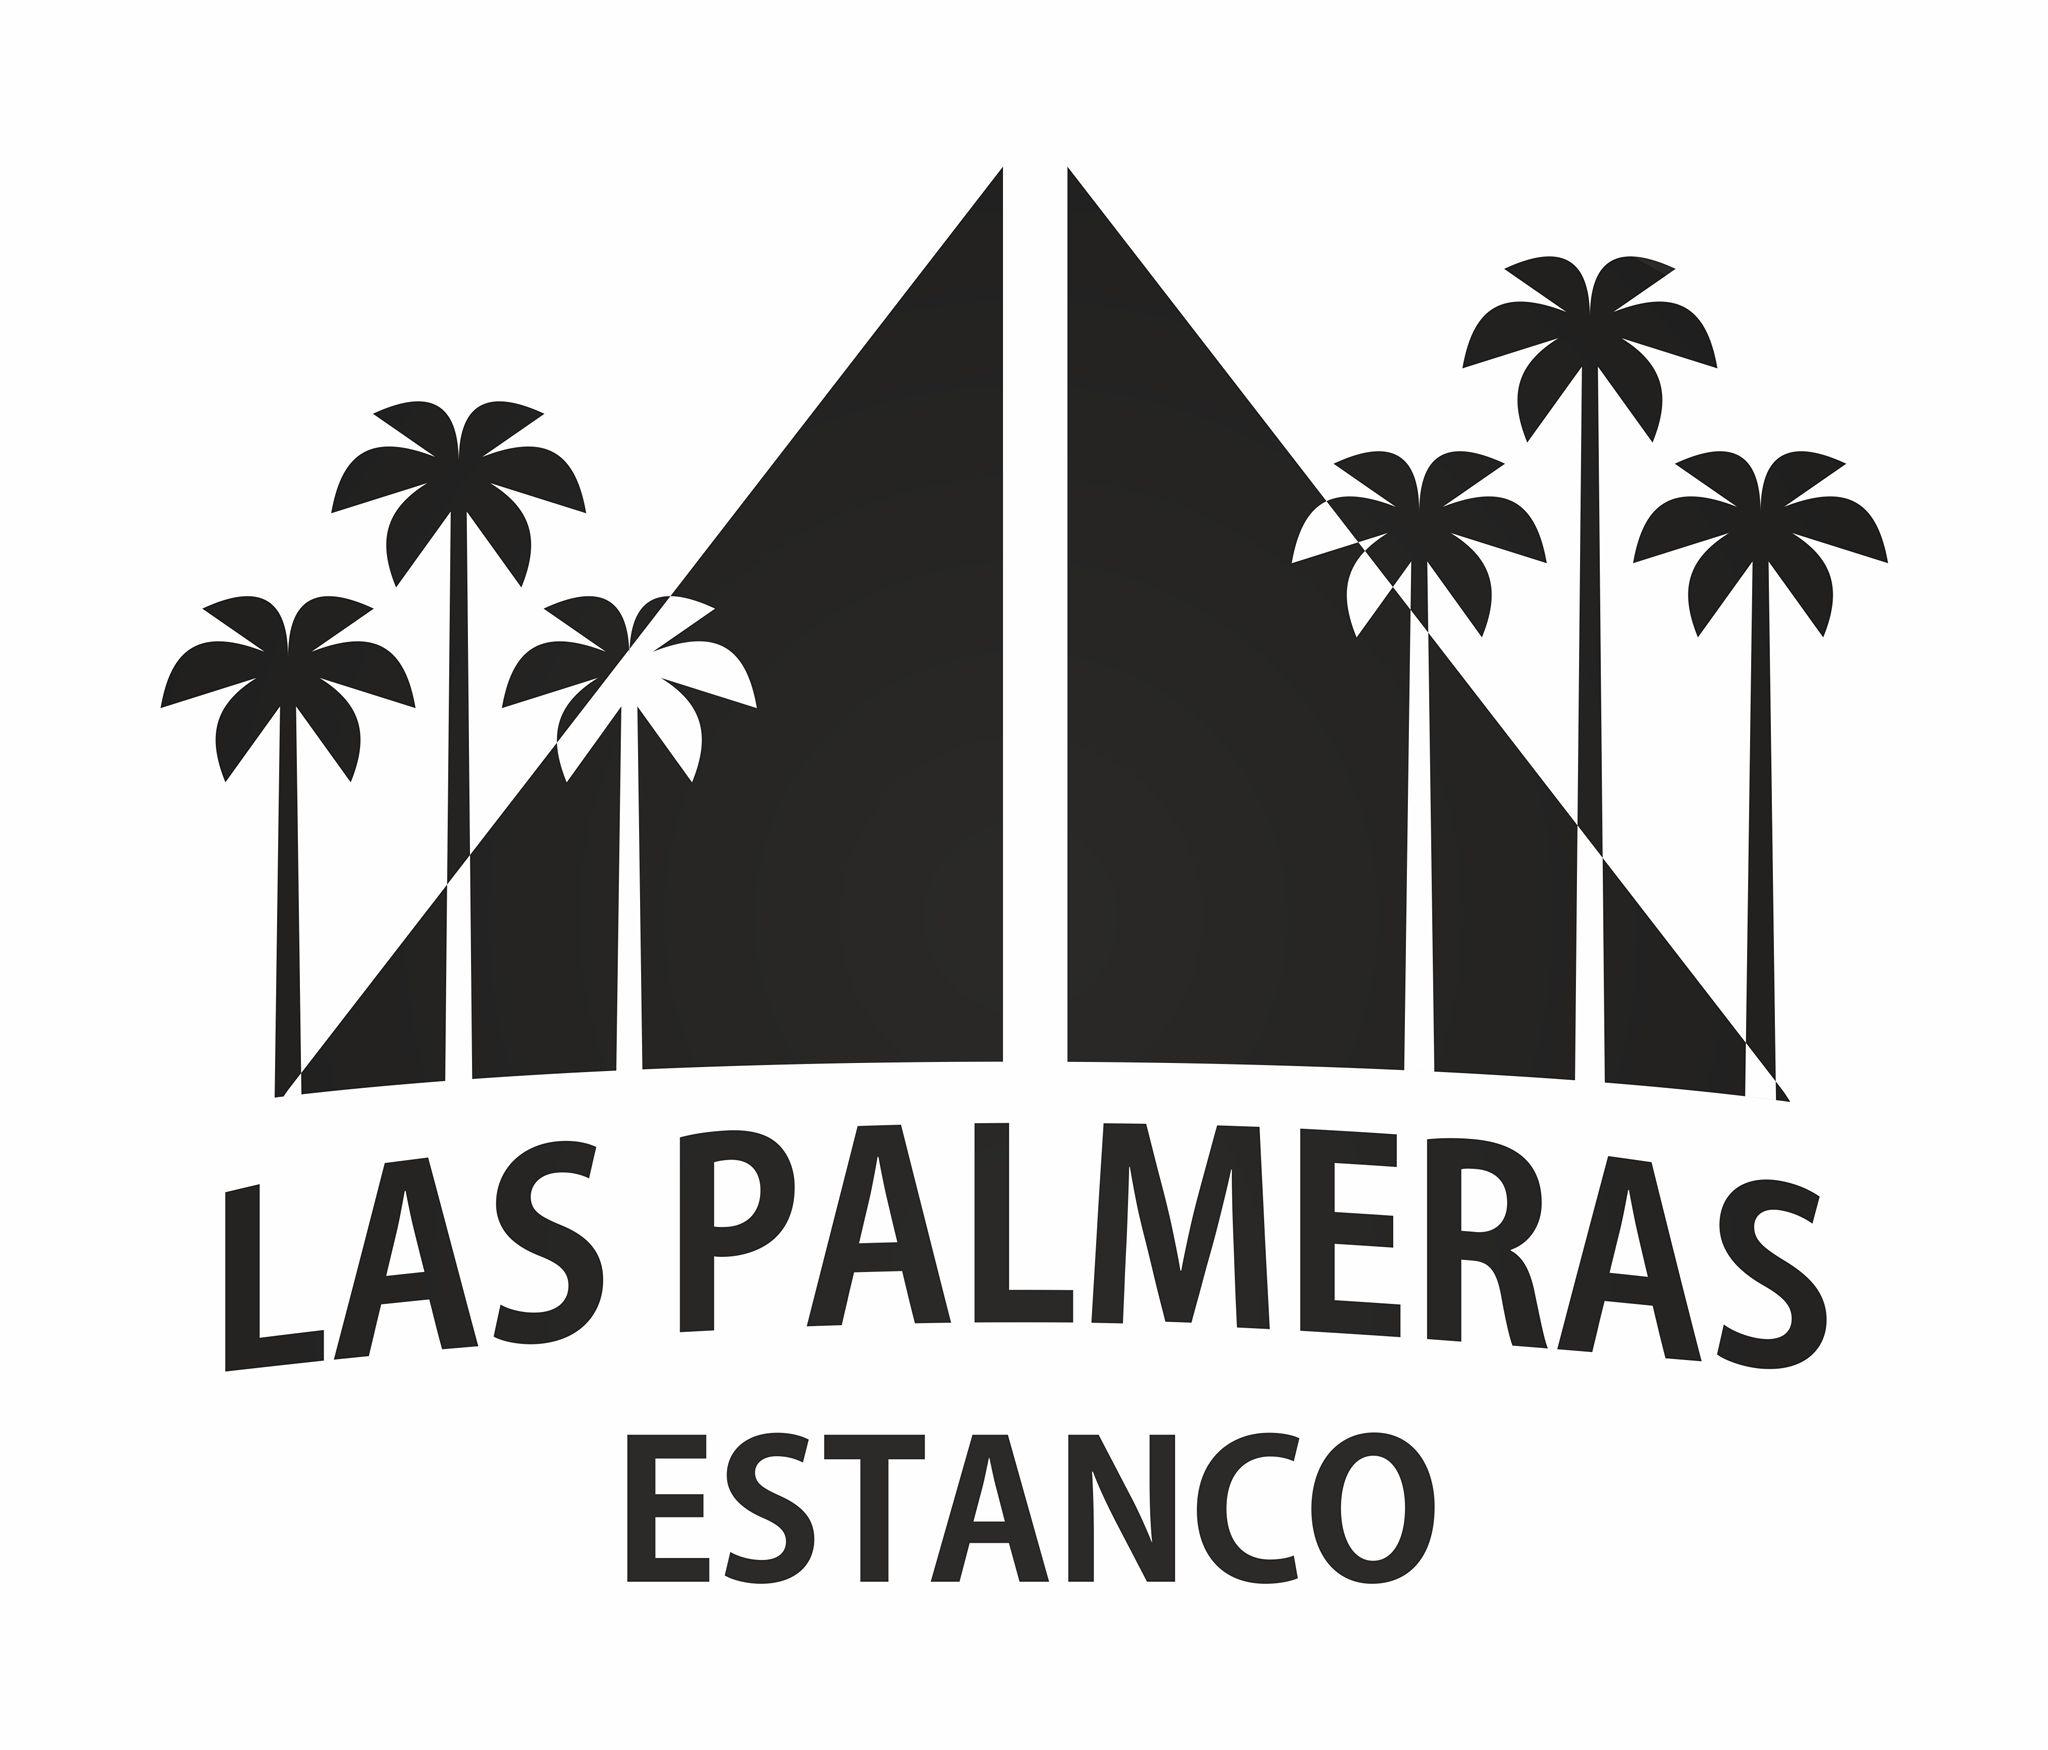 Estanco Las Palmeras